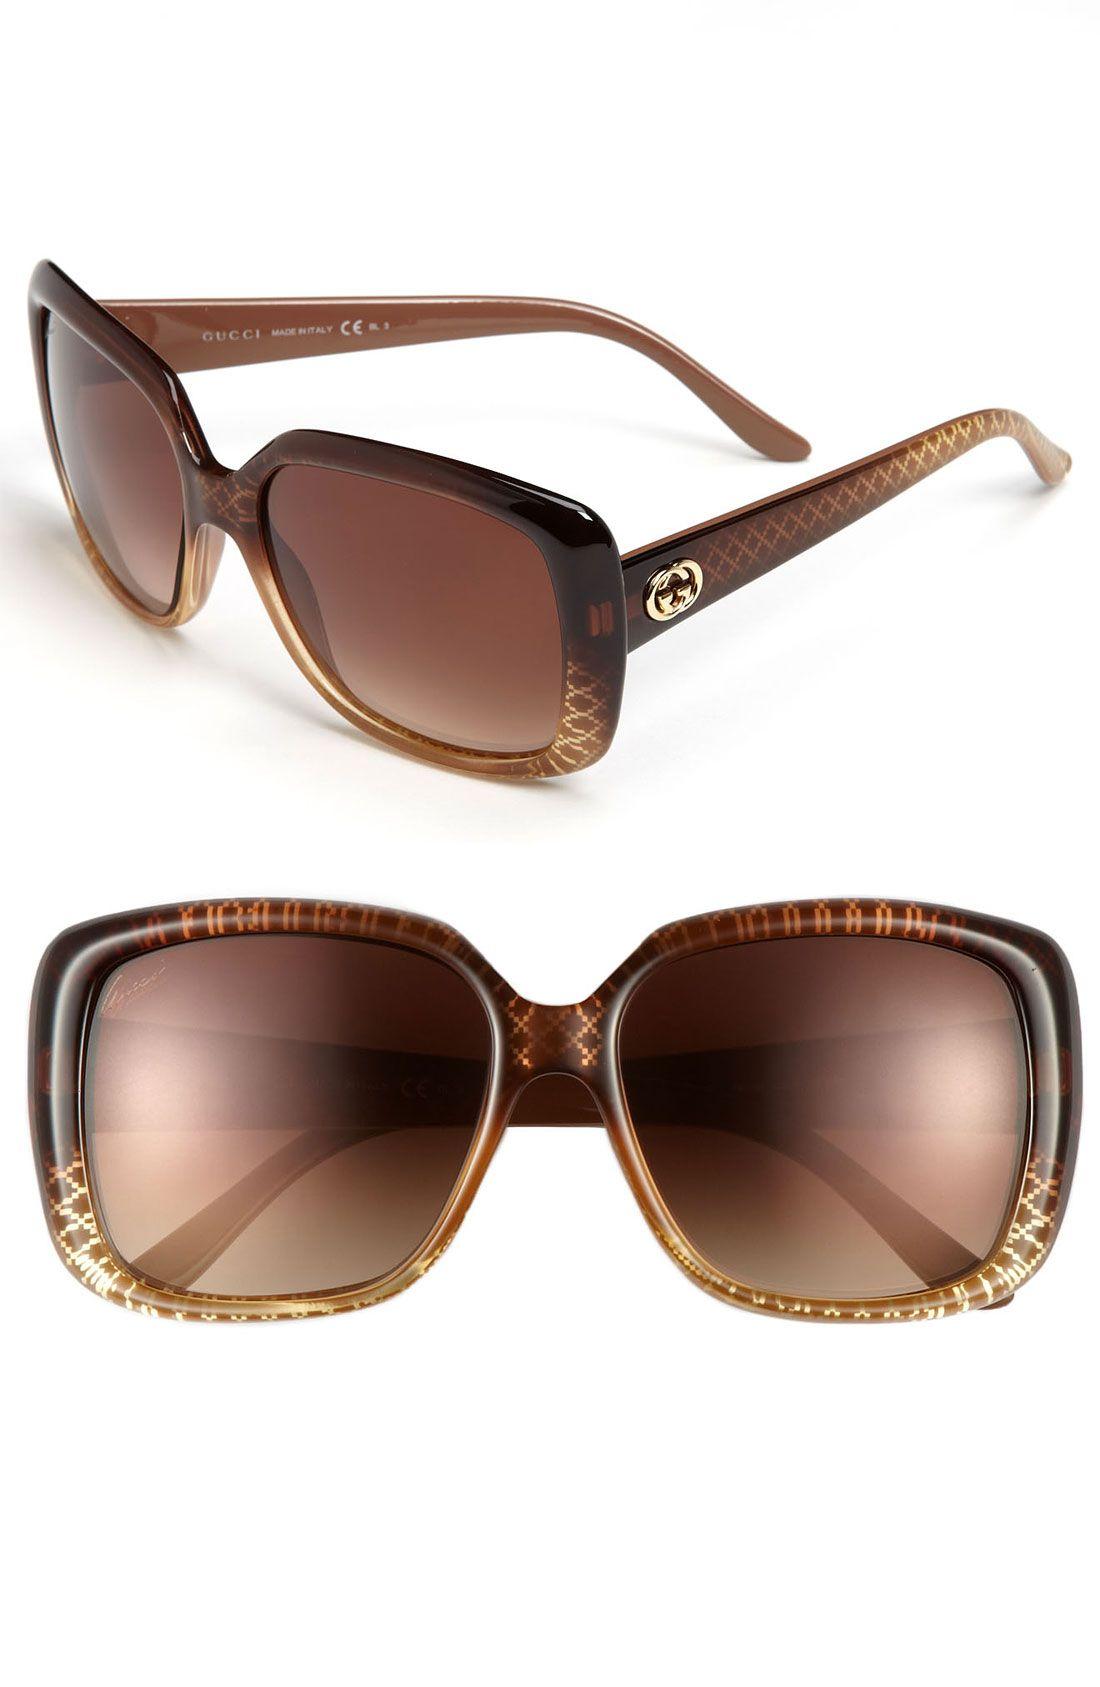 0f96f5dd5e2 Gucci Sunglasses in Brown (cuir gold diamond)